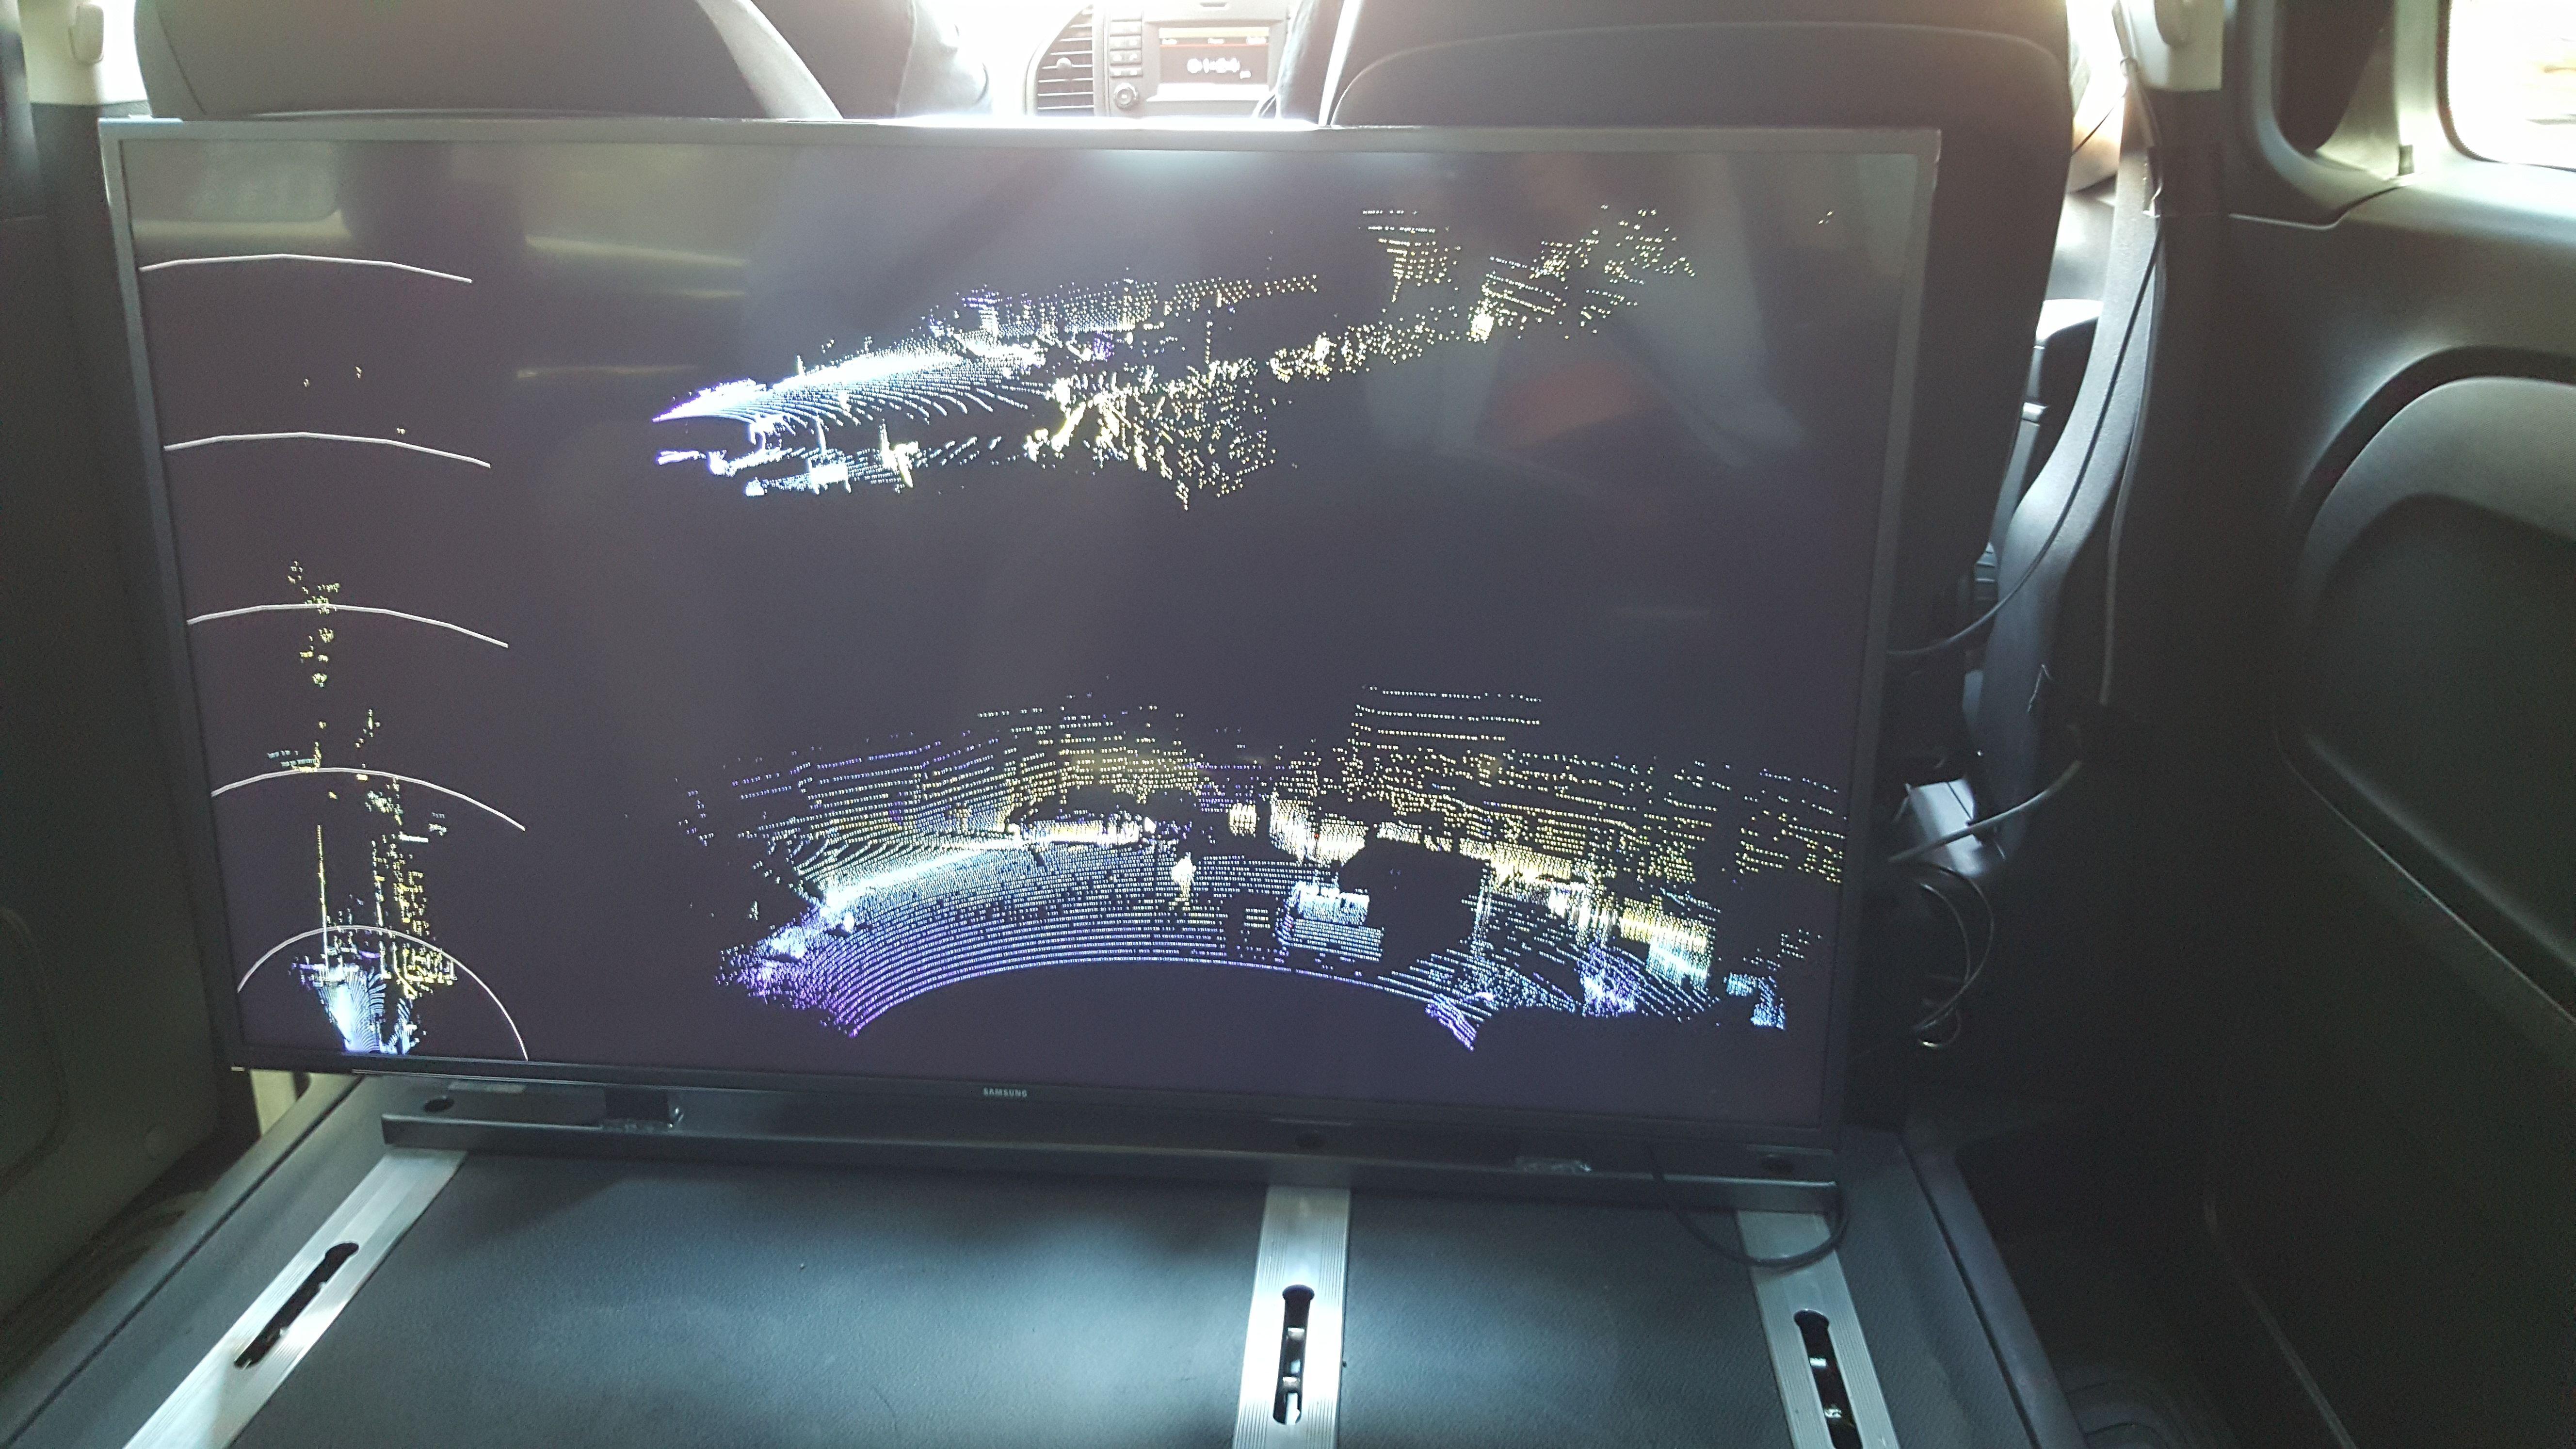 laptop screen displays lidar imaging